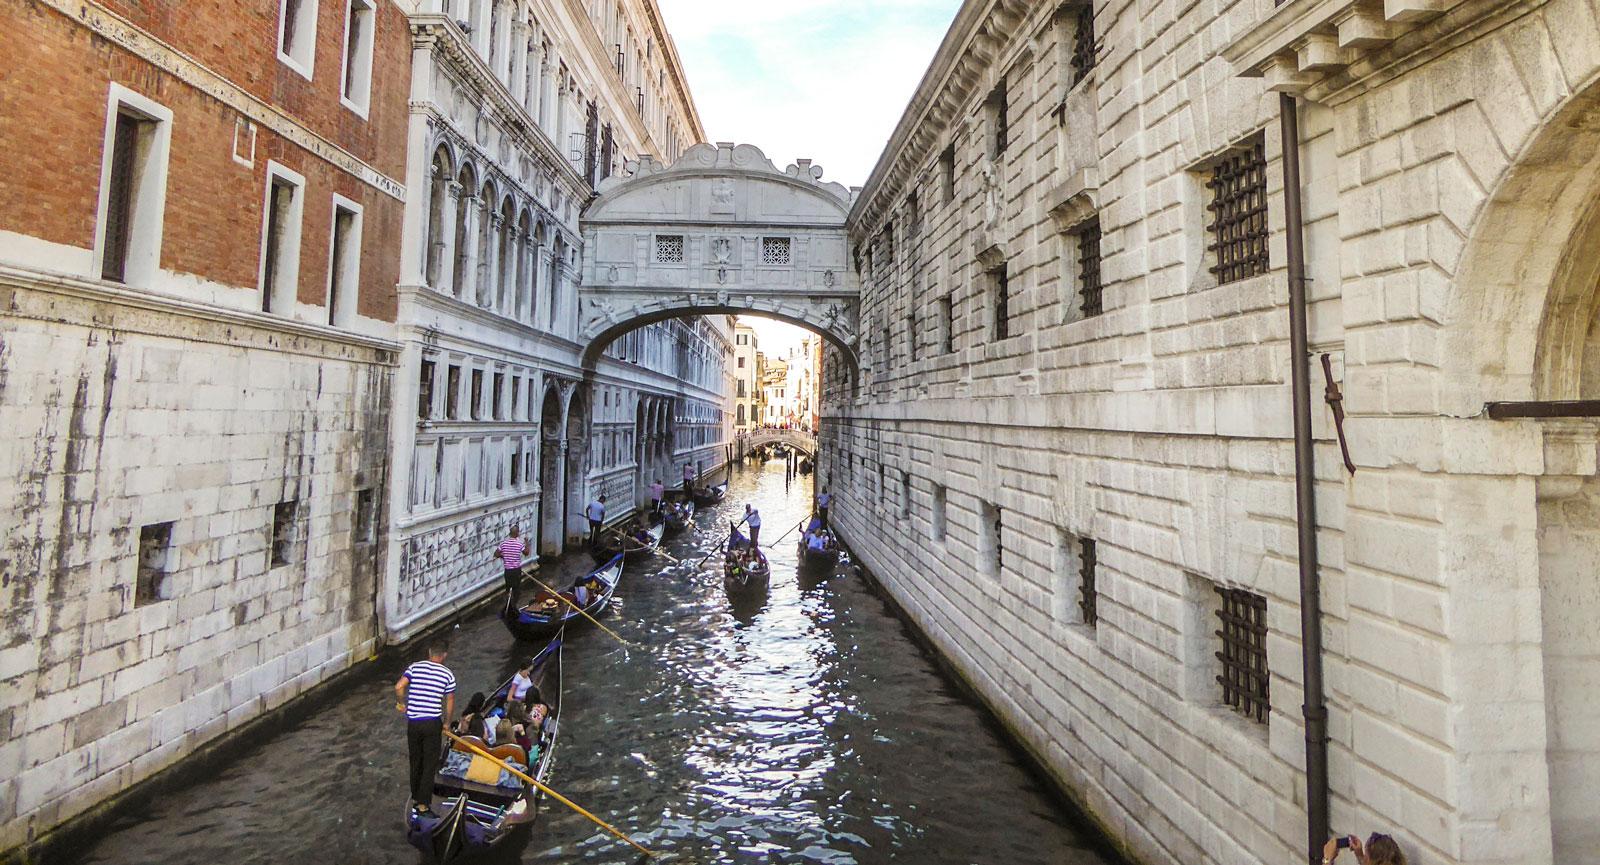 Venedig är ett måste på en bröllopsresa, enligt Debbie och Anna.